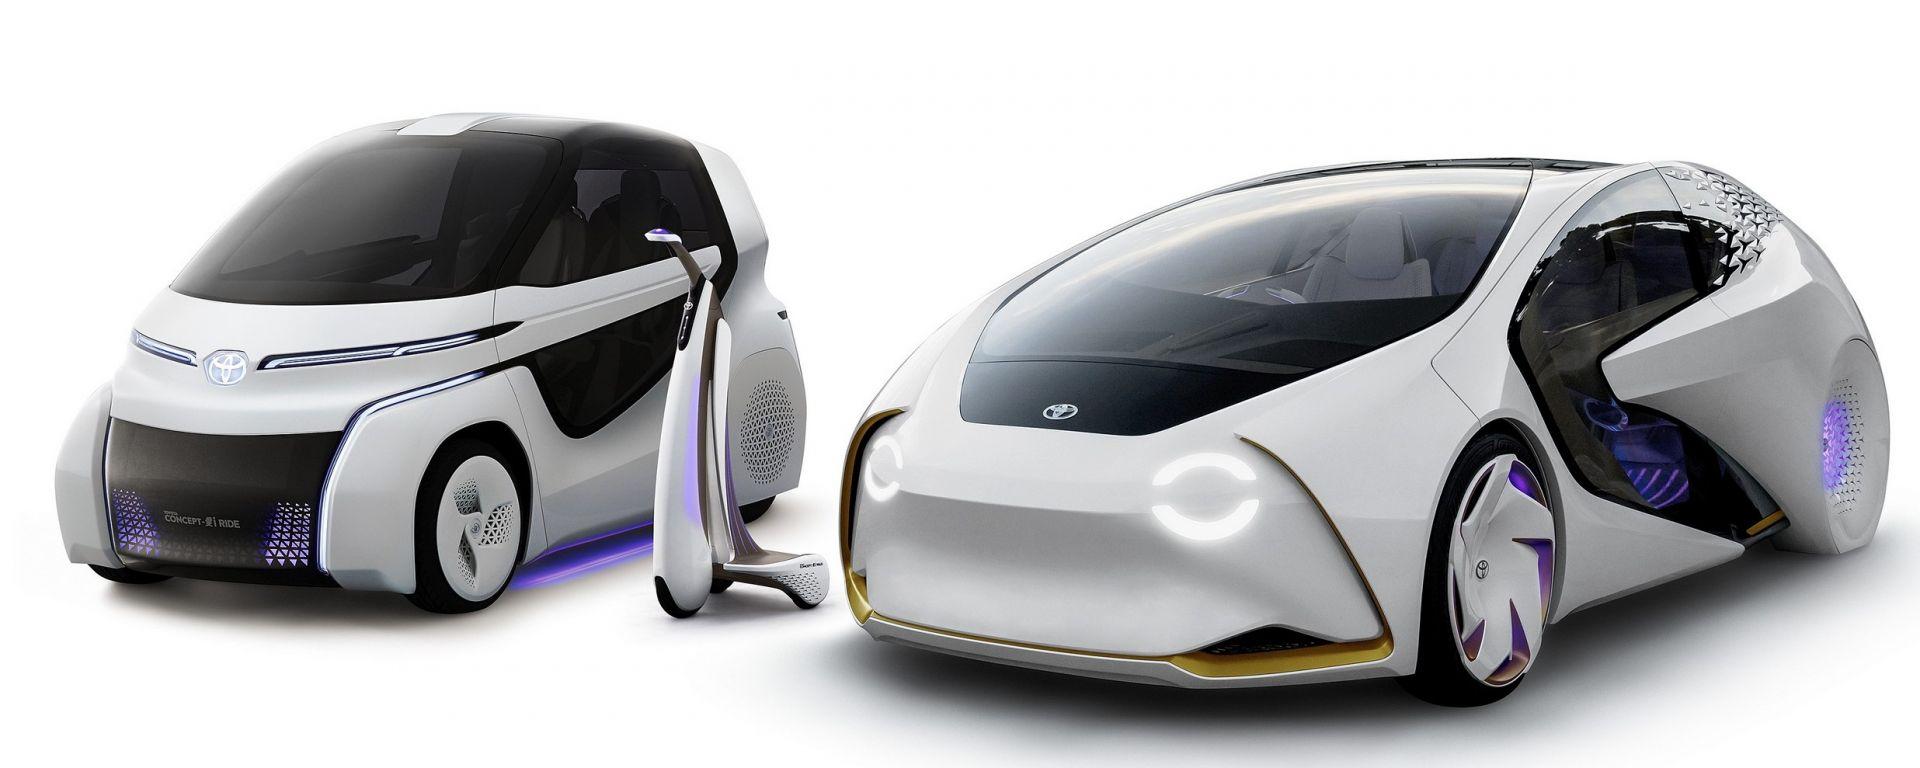 Toyota la gamma Concept-i: Concept-i, Concept-i Ridee Concept-i Walk